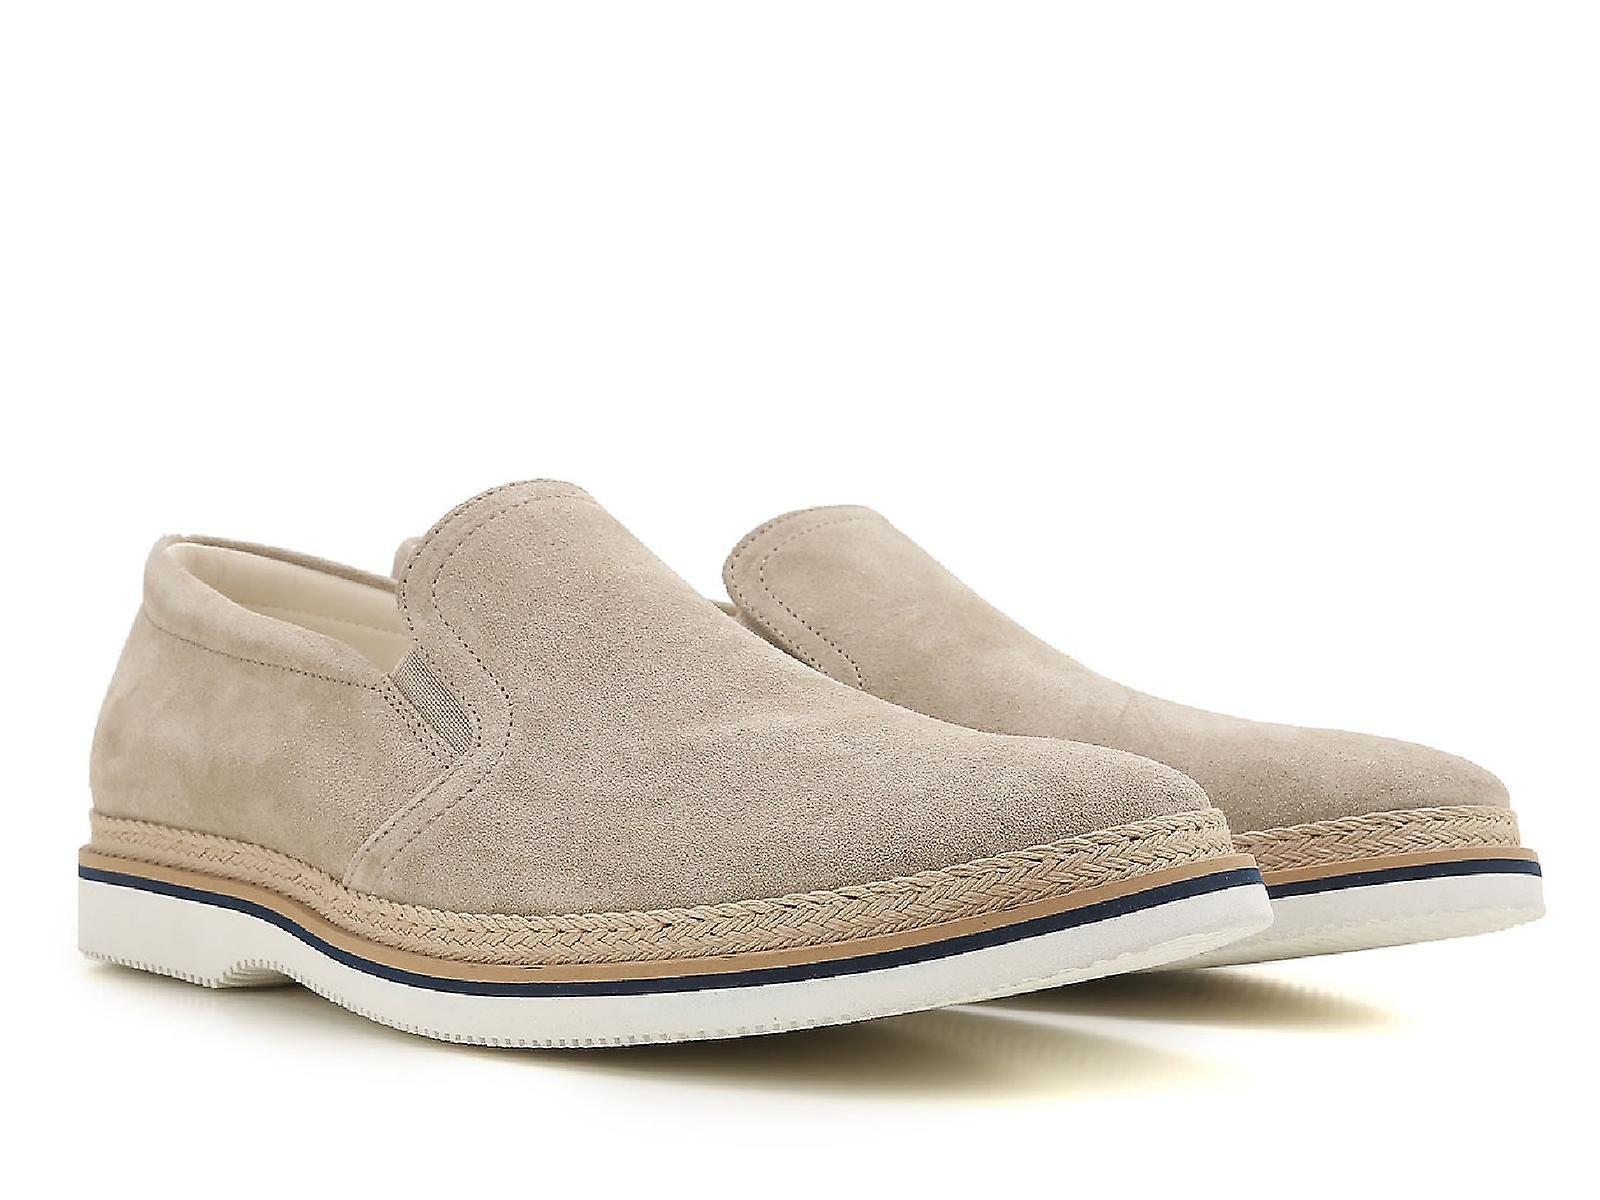 Hogan Männer Slipper Loafer Schuhe in Beige Wildleder